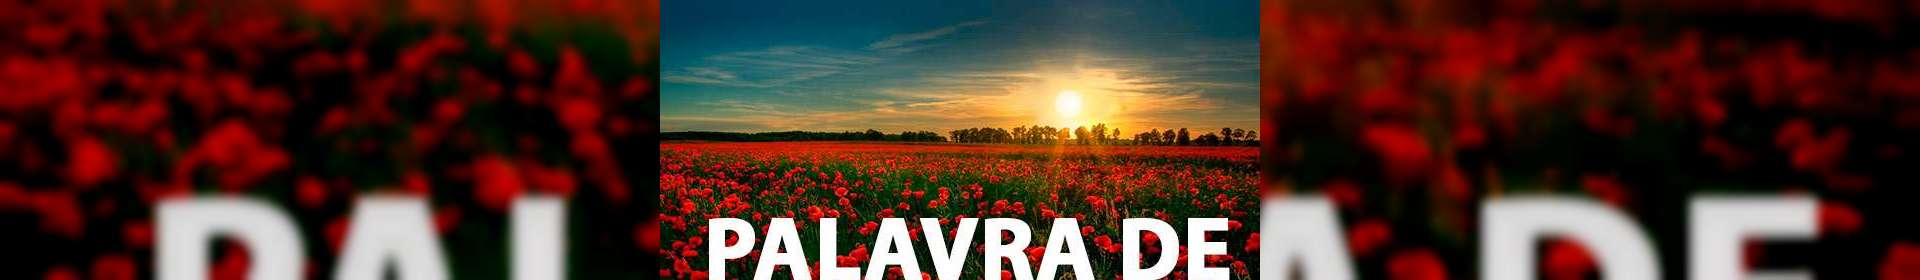 Salmos 46:1´- Uma Palavra de Esperança para sua vida